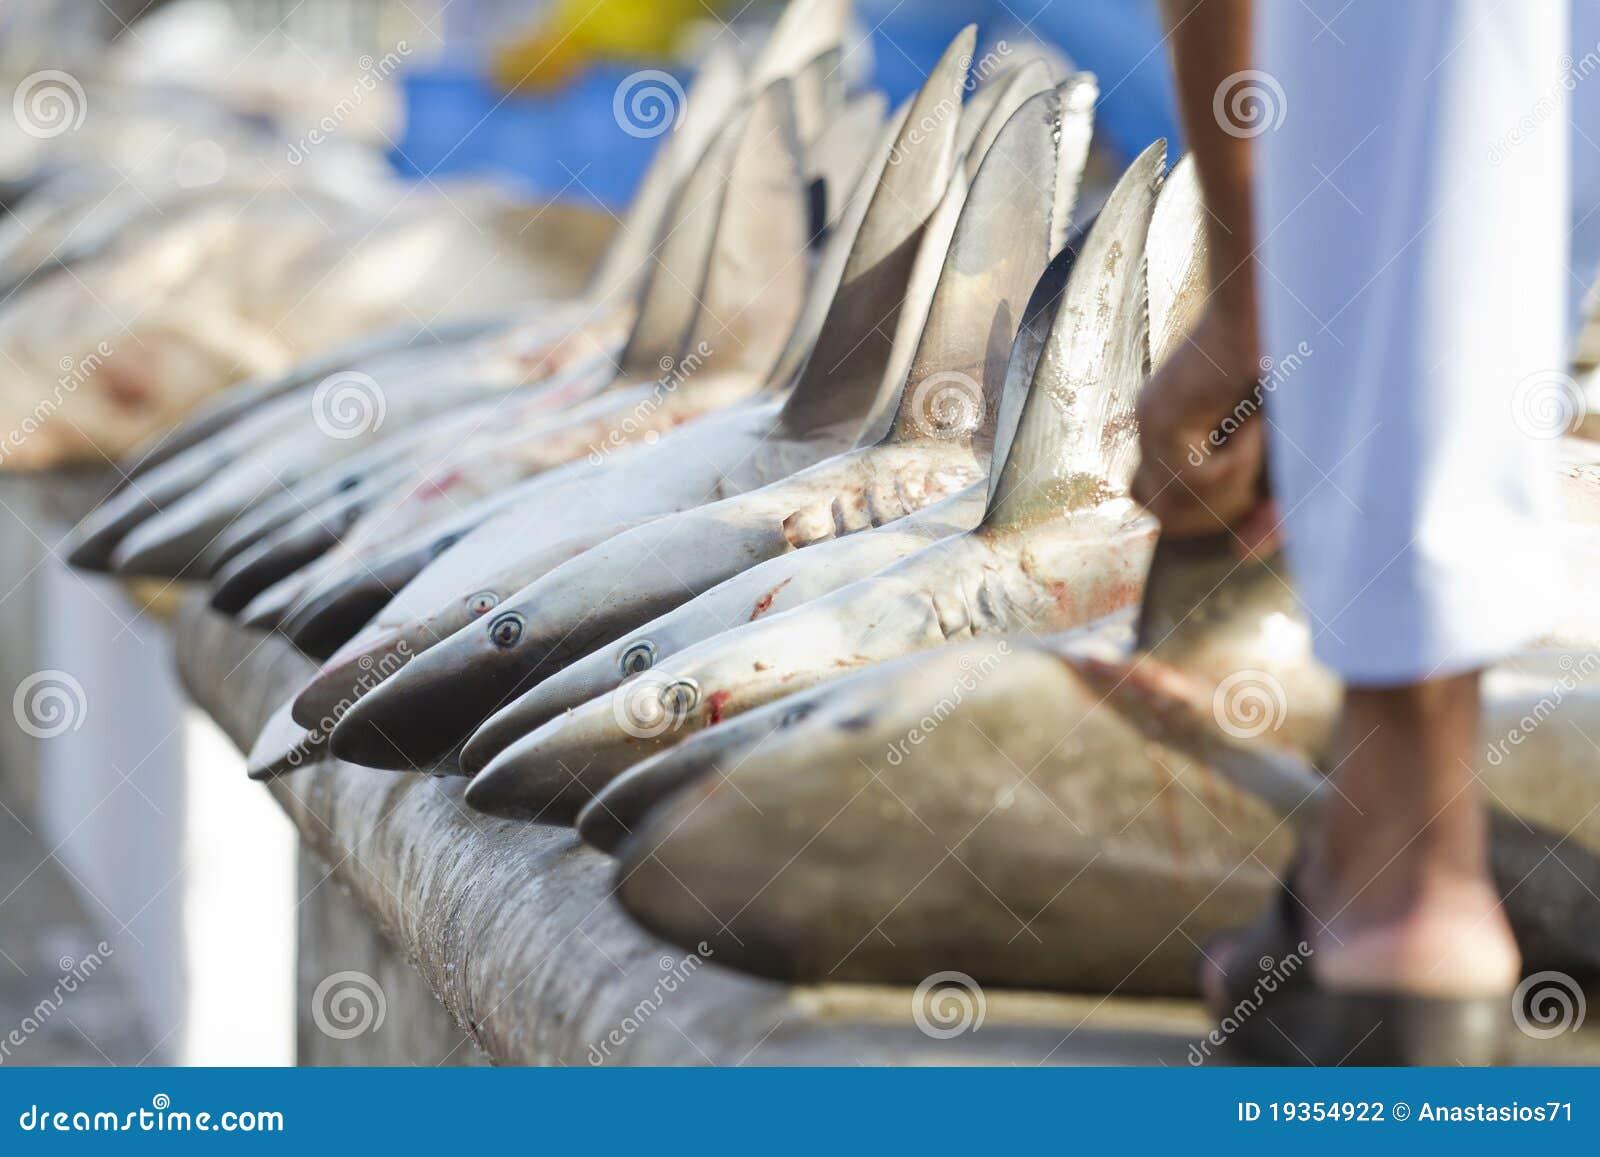 Caudas dos tubarões em um mercado de peixes, Dubai, UAE